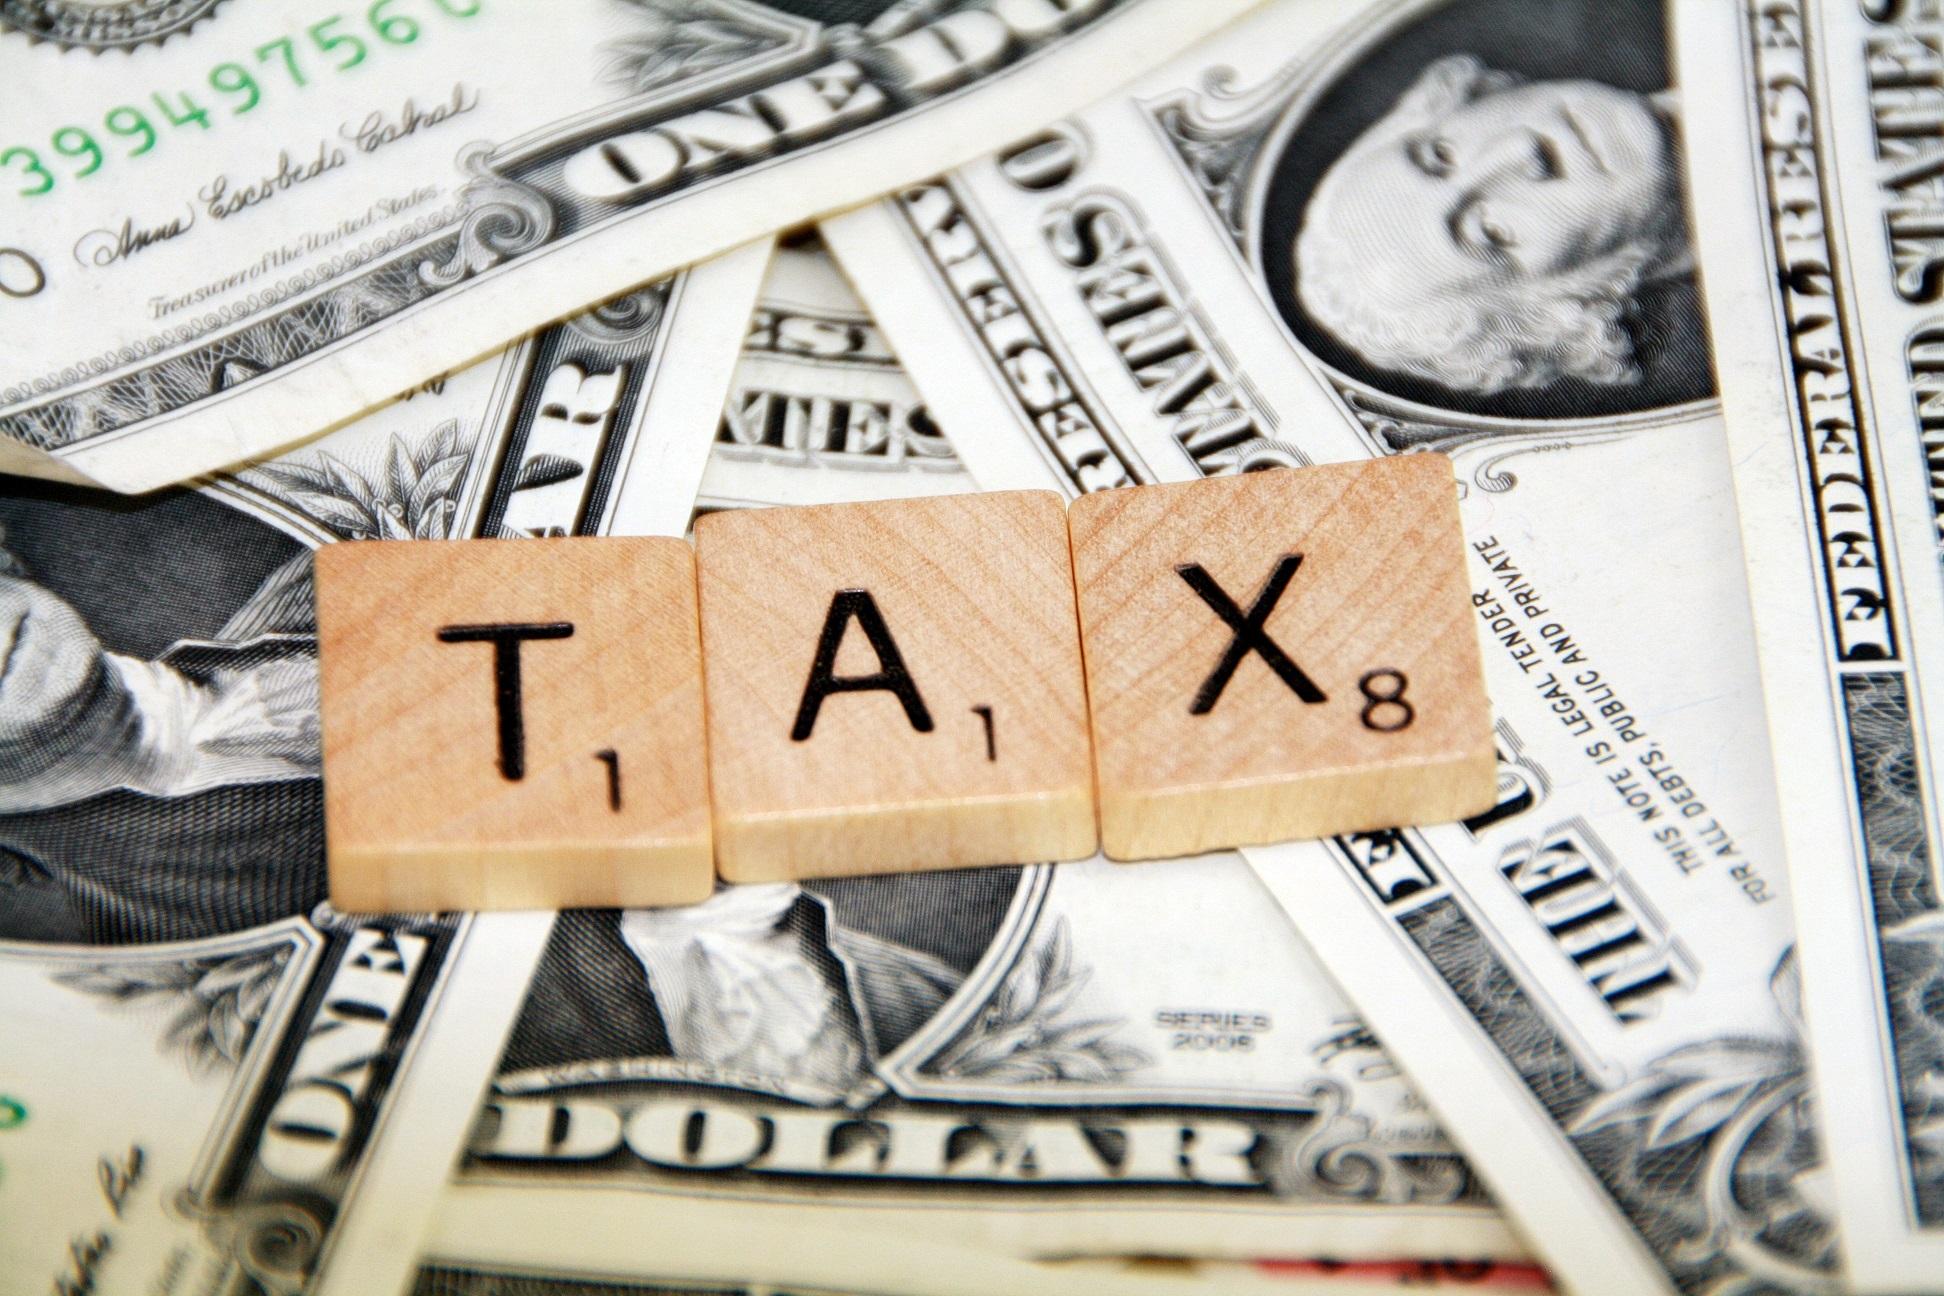 Tax - scrabble blocks